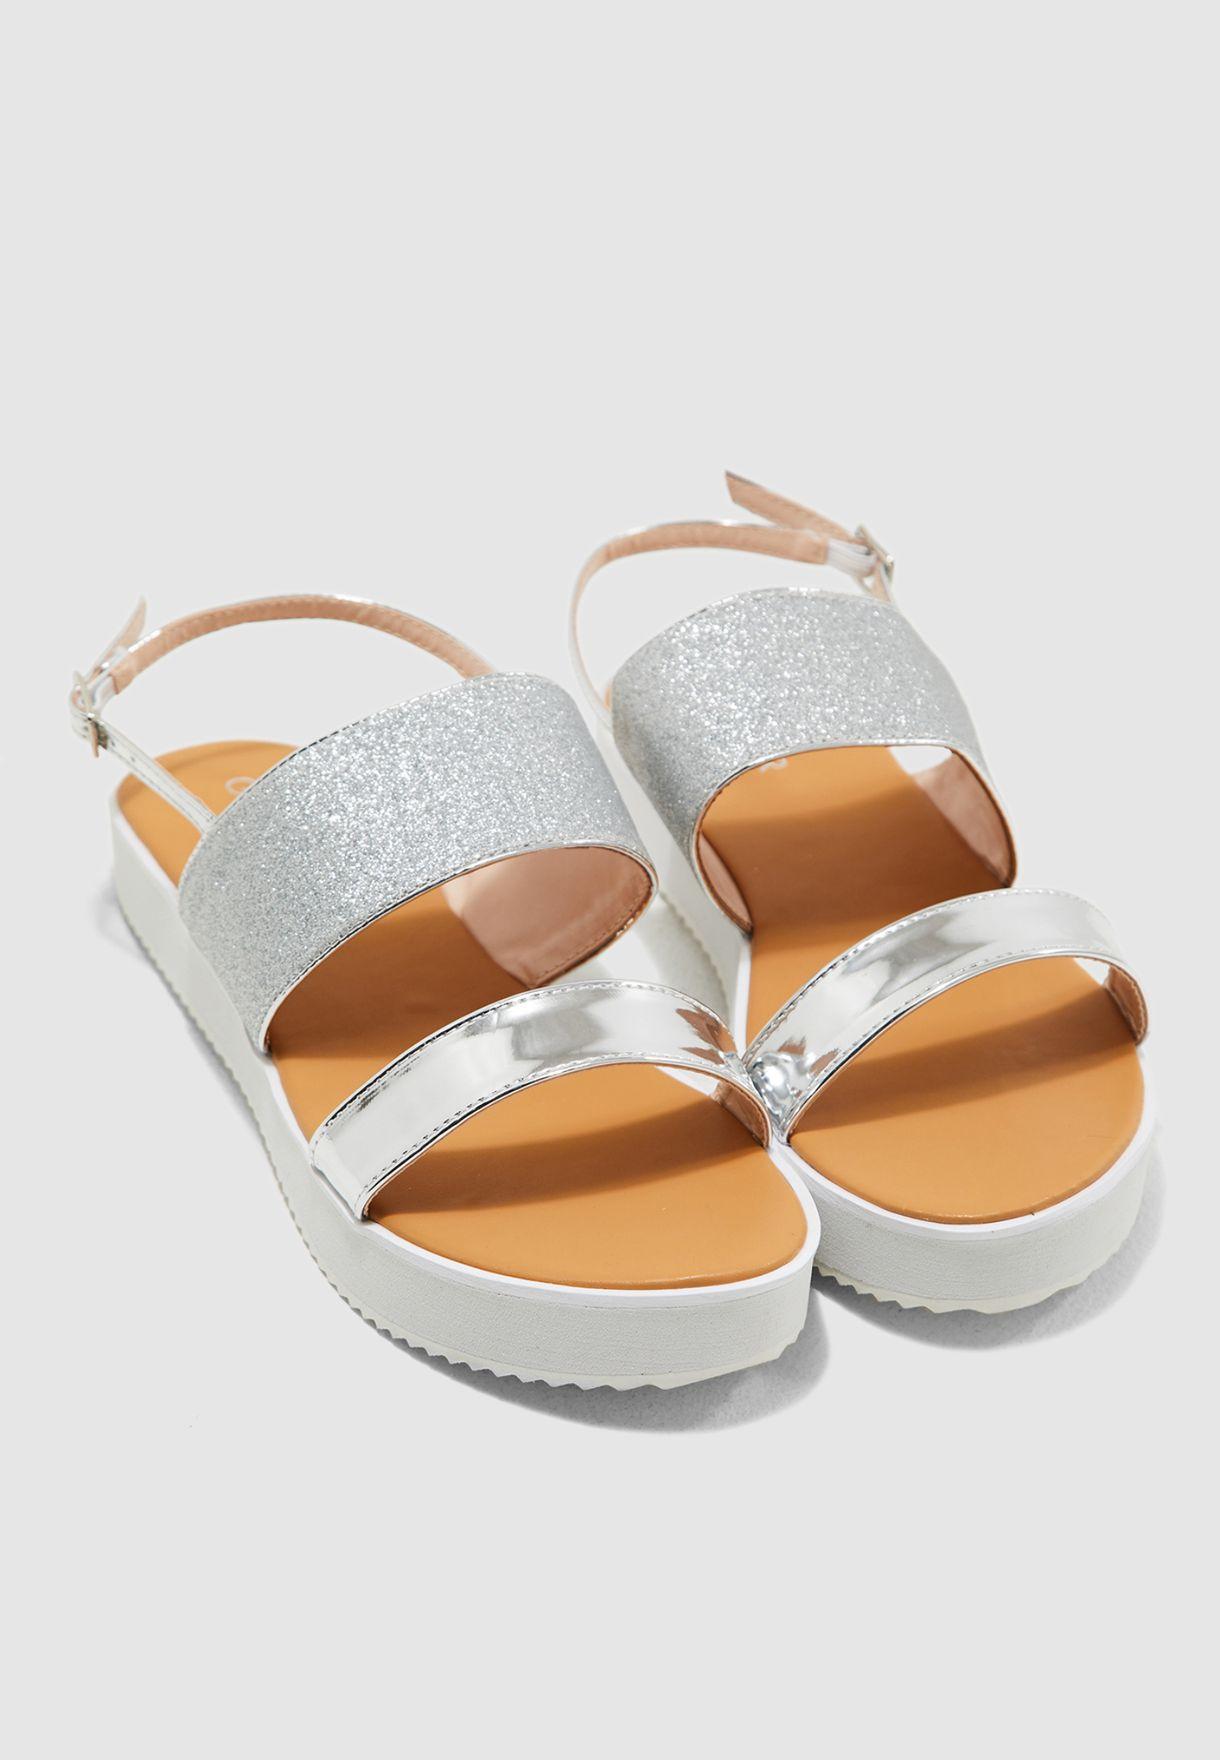 d69f43bb20c Shop Ginger silver Flatform Sandals 17168 for Women in Bahrain ...